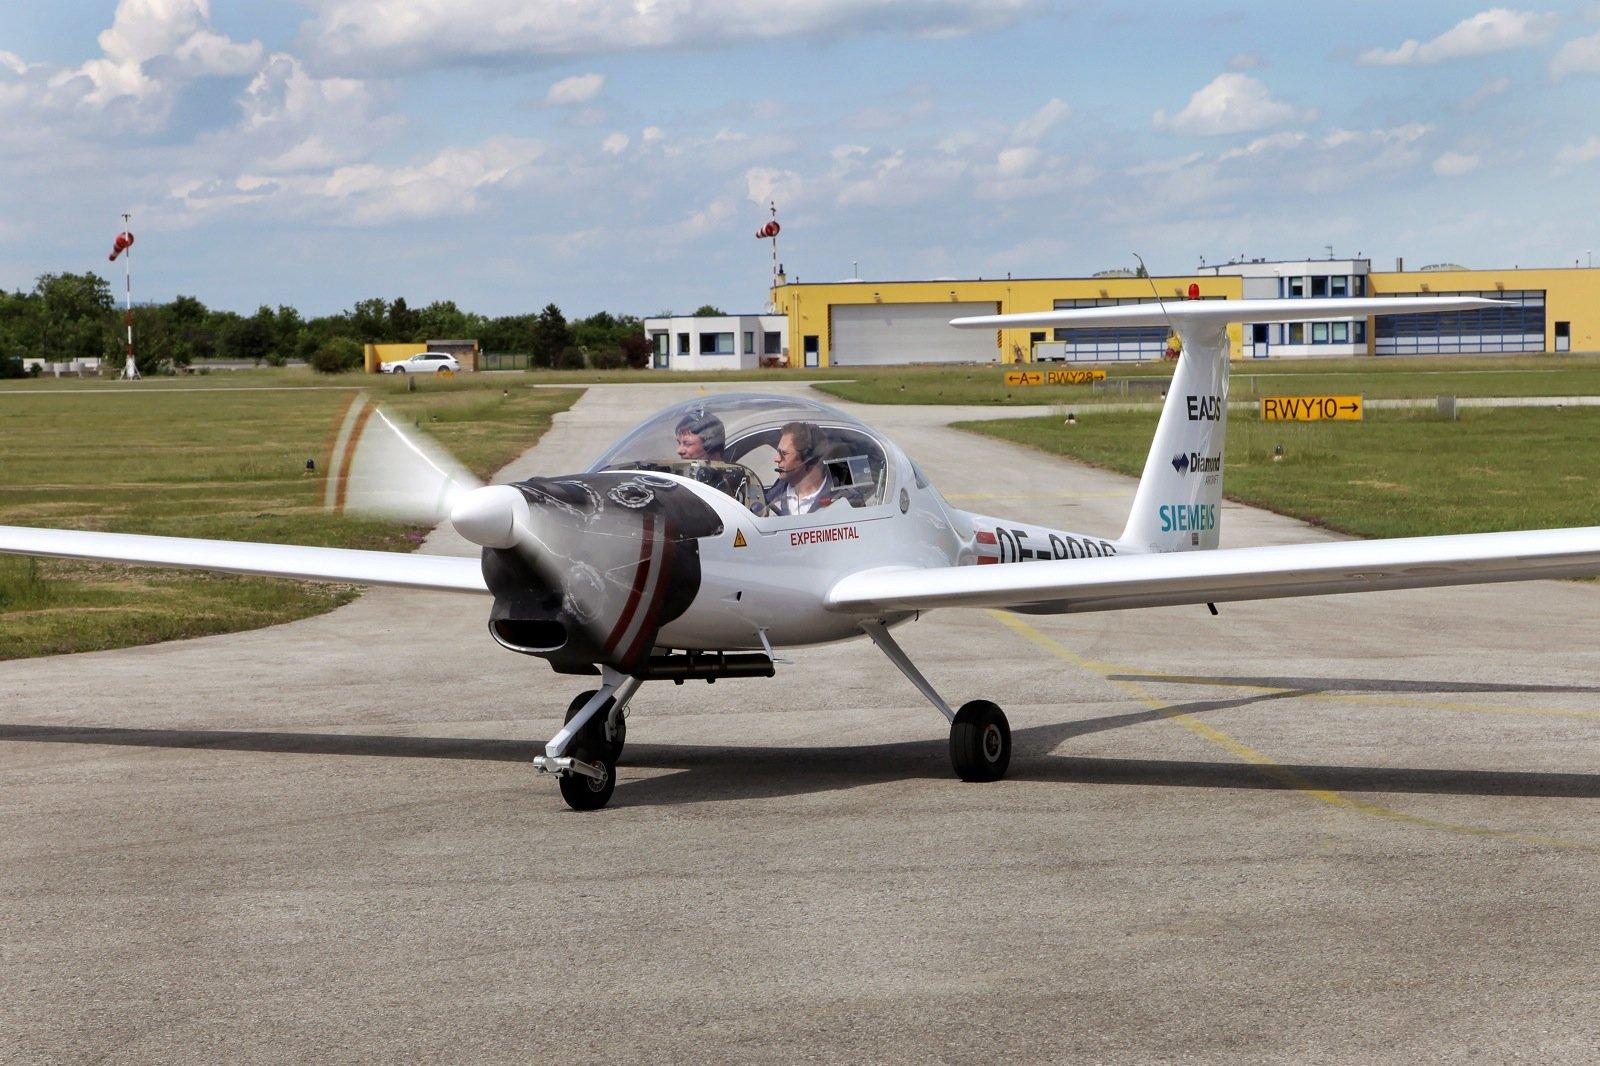 Siemens, Diamond Aircraft und EADS präsentieren die zweite Generation des seriell-hybriden Elektroflugzeugs. Durch ein neues technologisches Konzept können sowohl der Kraftstoffverbrauch als auch die Emissionen um rund 25 Prozent gesenkt werden.